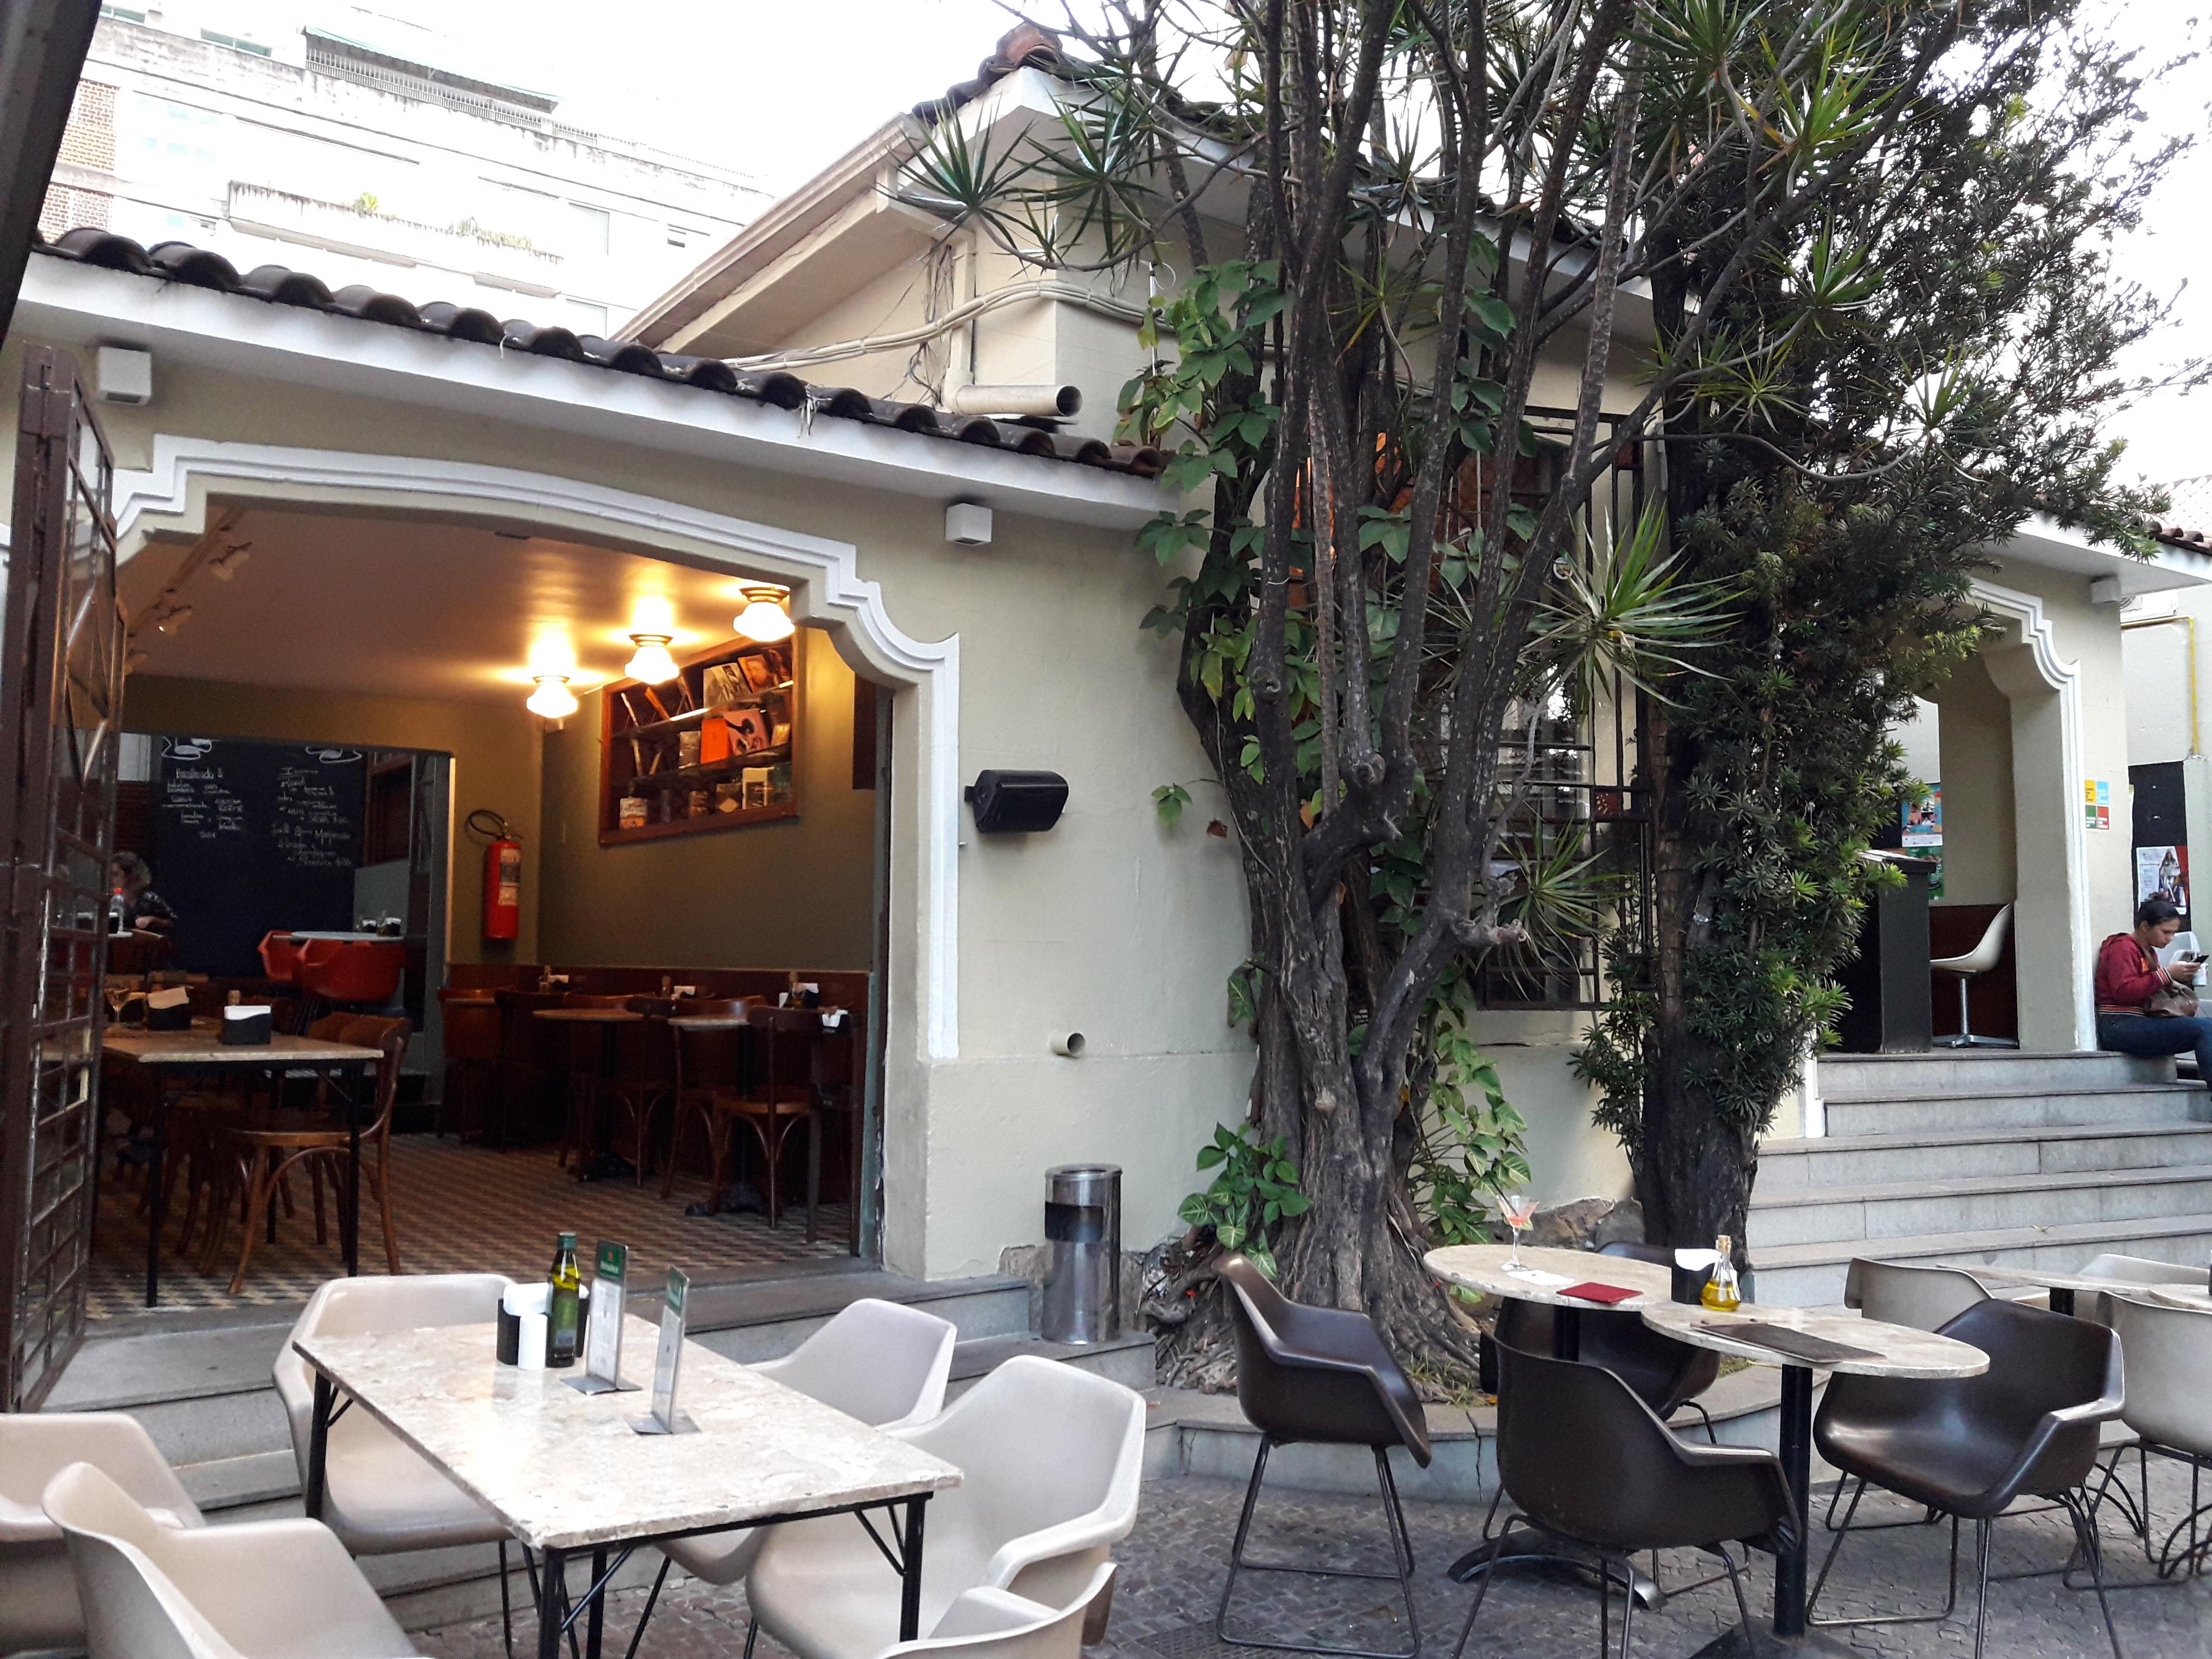 Café com Letras Belo Horizonte BH Minas Gerais (1)